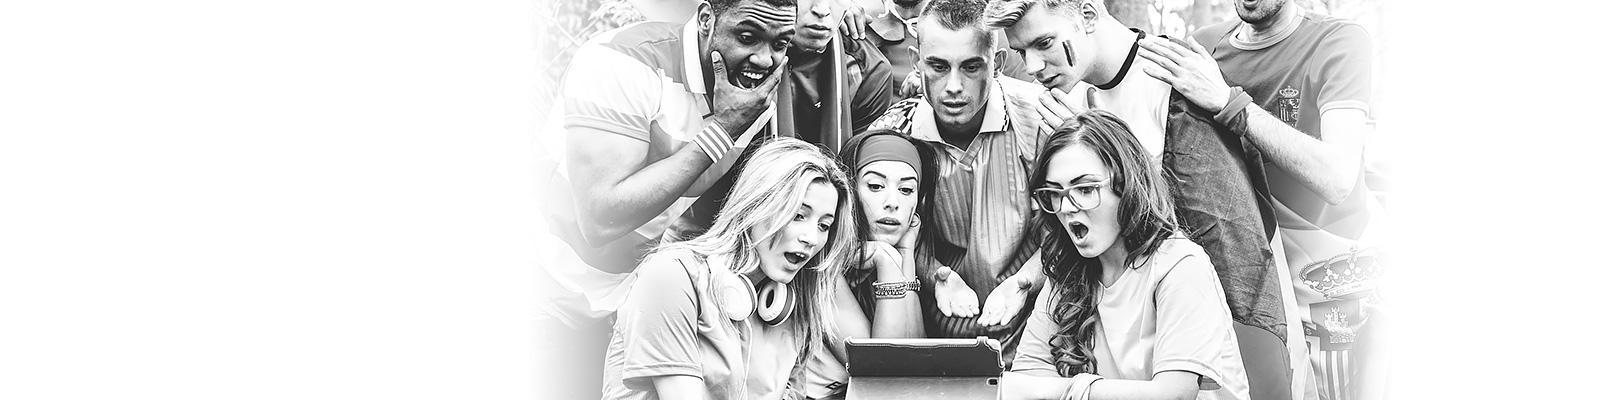 スポーツ 観戦 モバイル 人々 イメージ